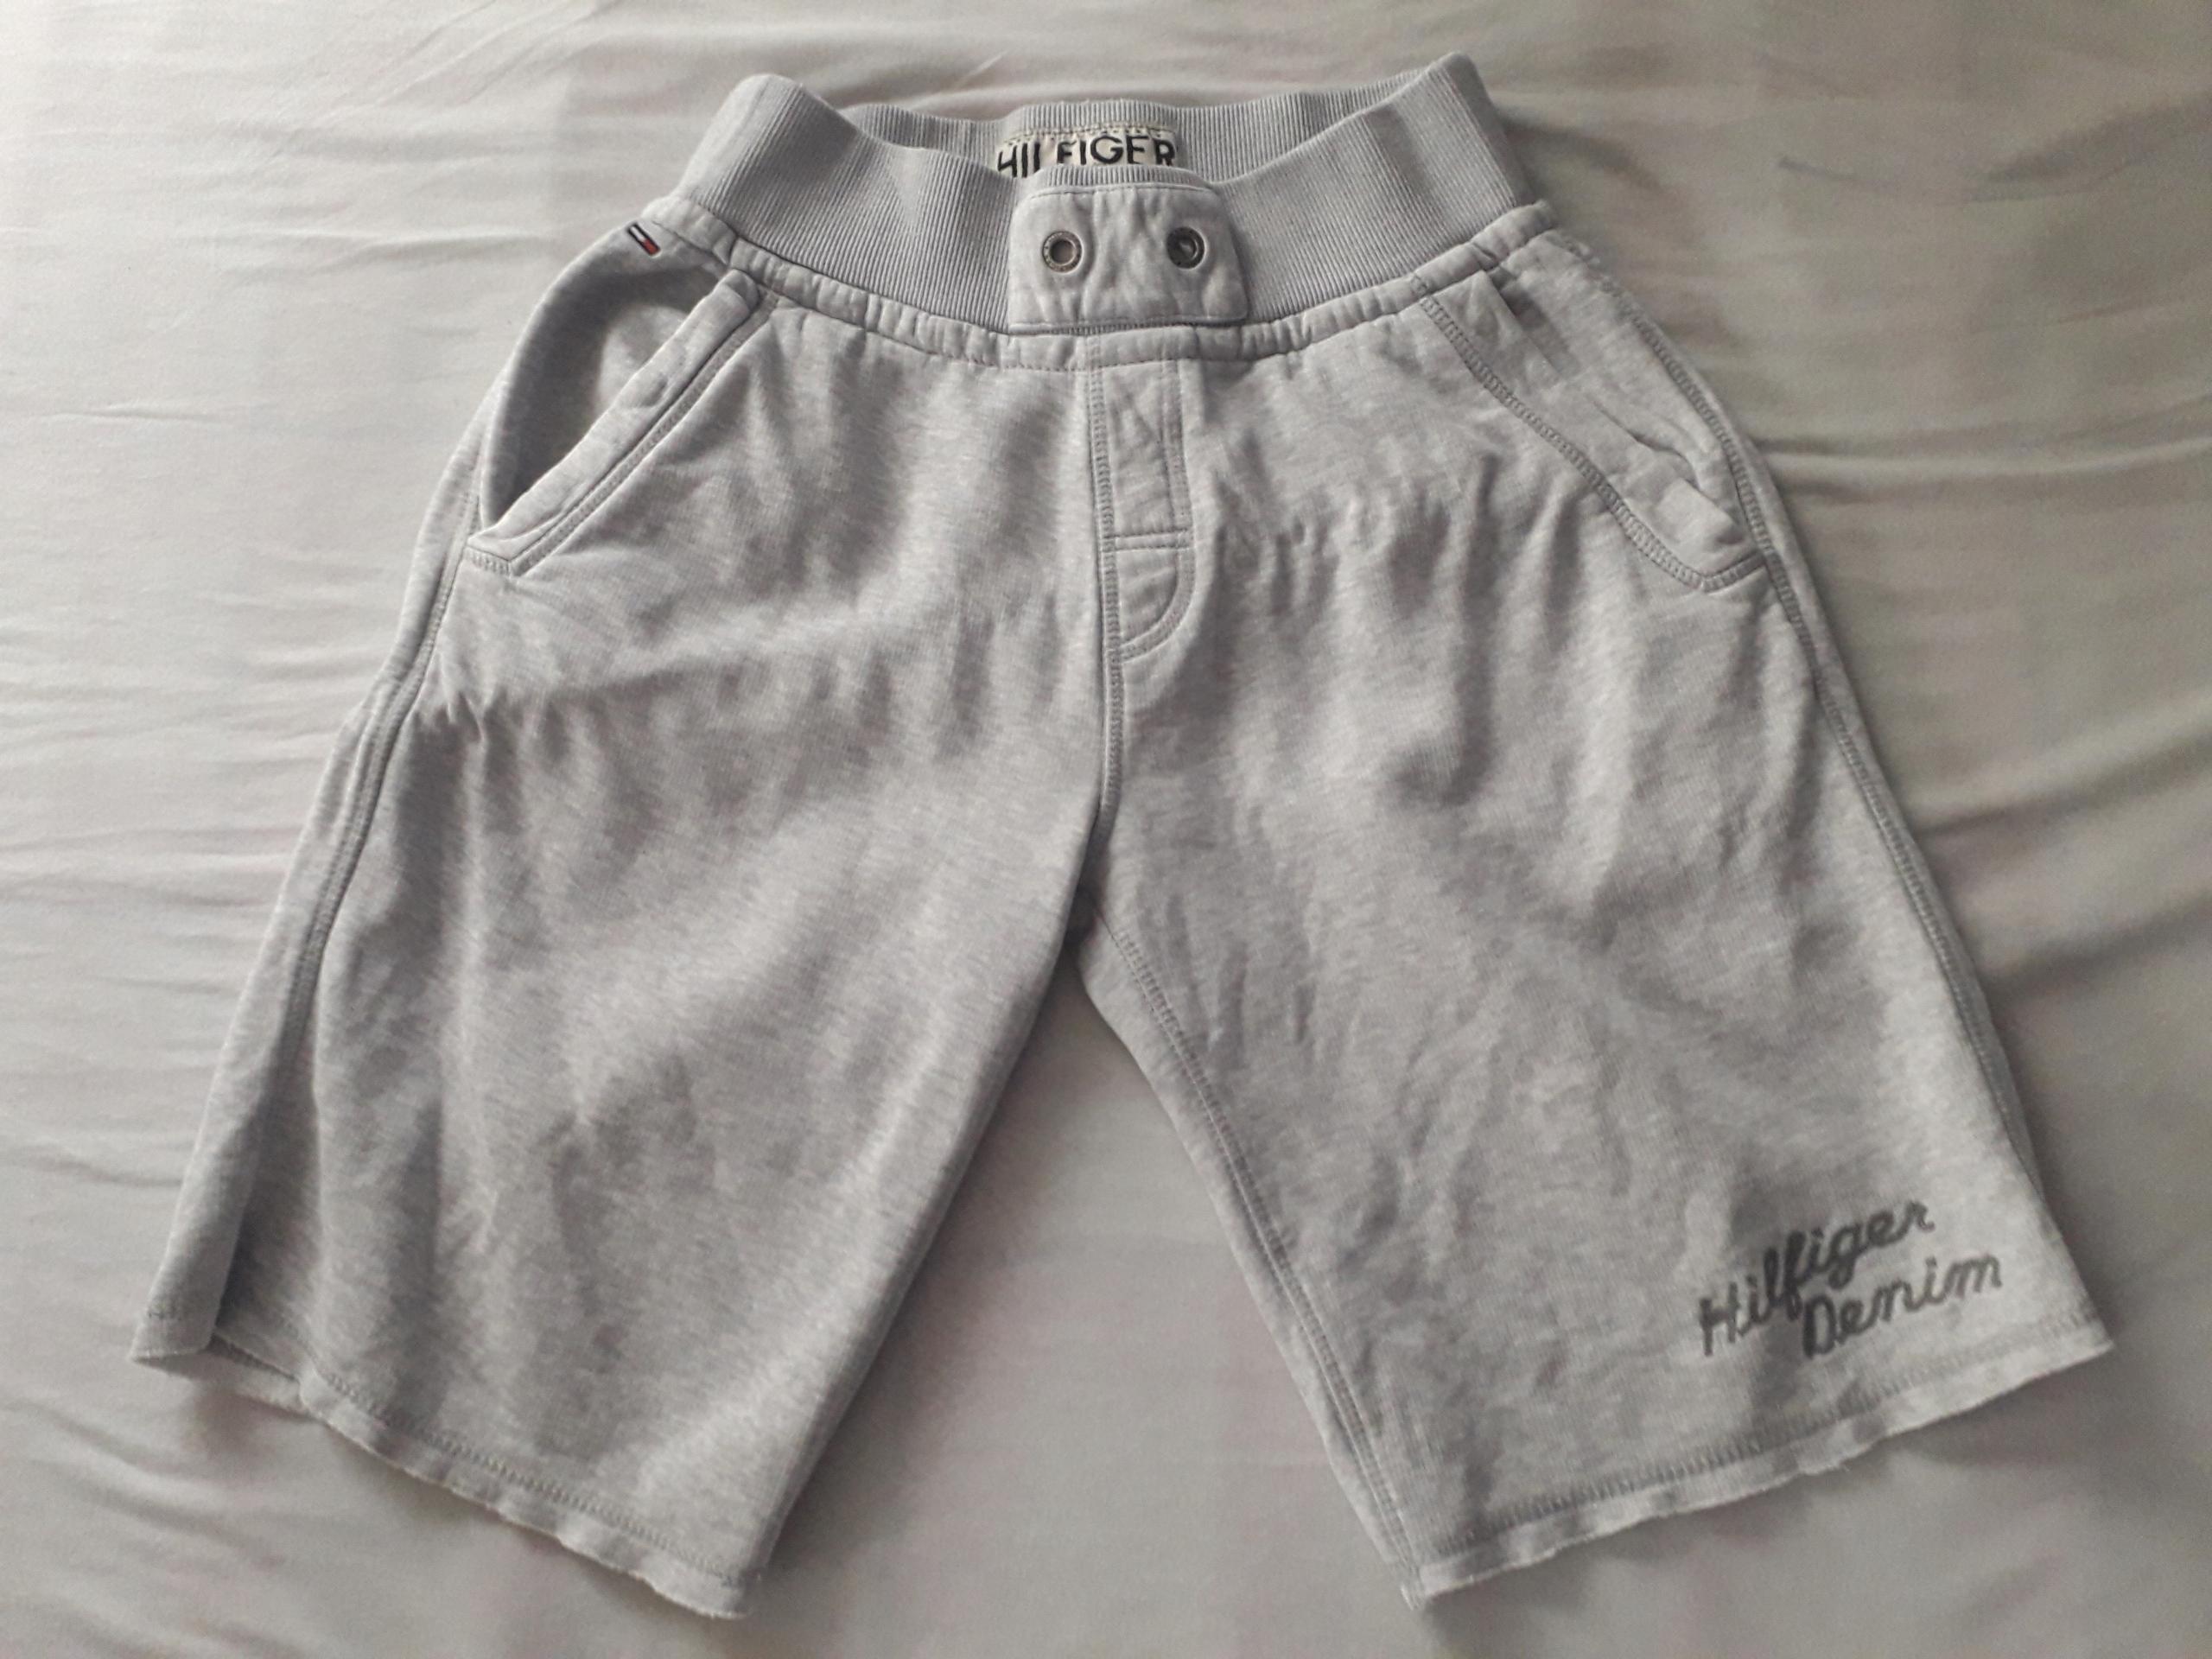 Spodnie spodenki Tommy Hilfiger dresowe roz. S